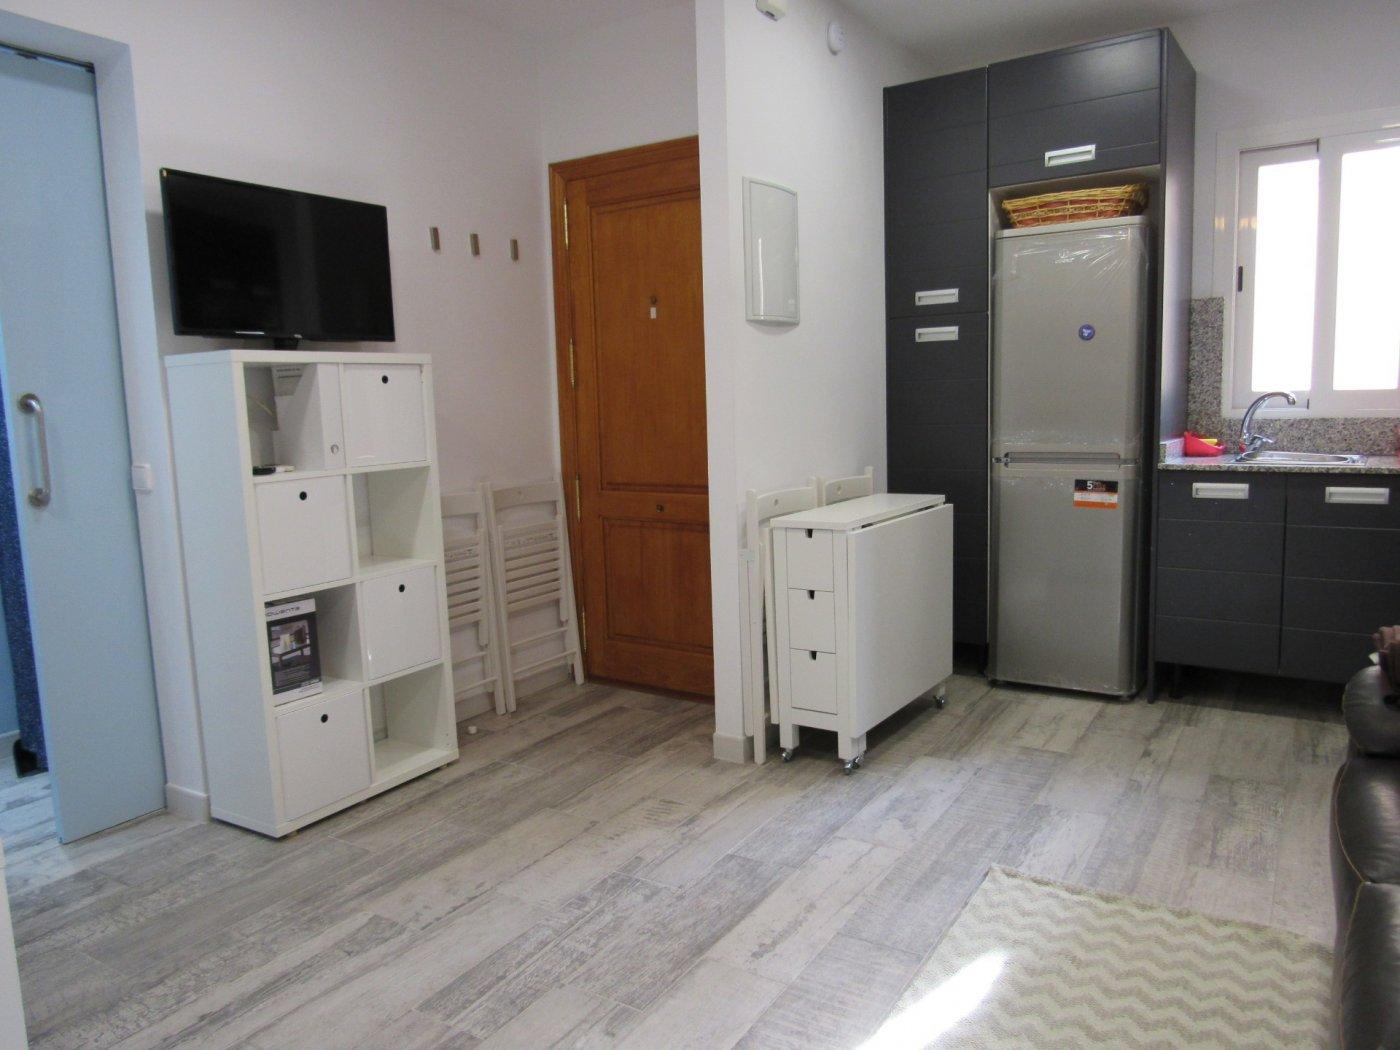 Studio for rent in Centro, Palma de Mallorca